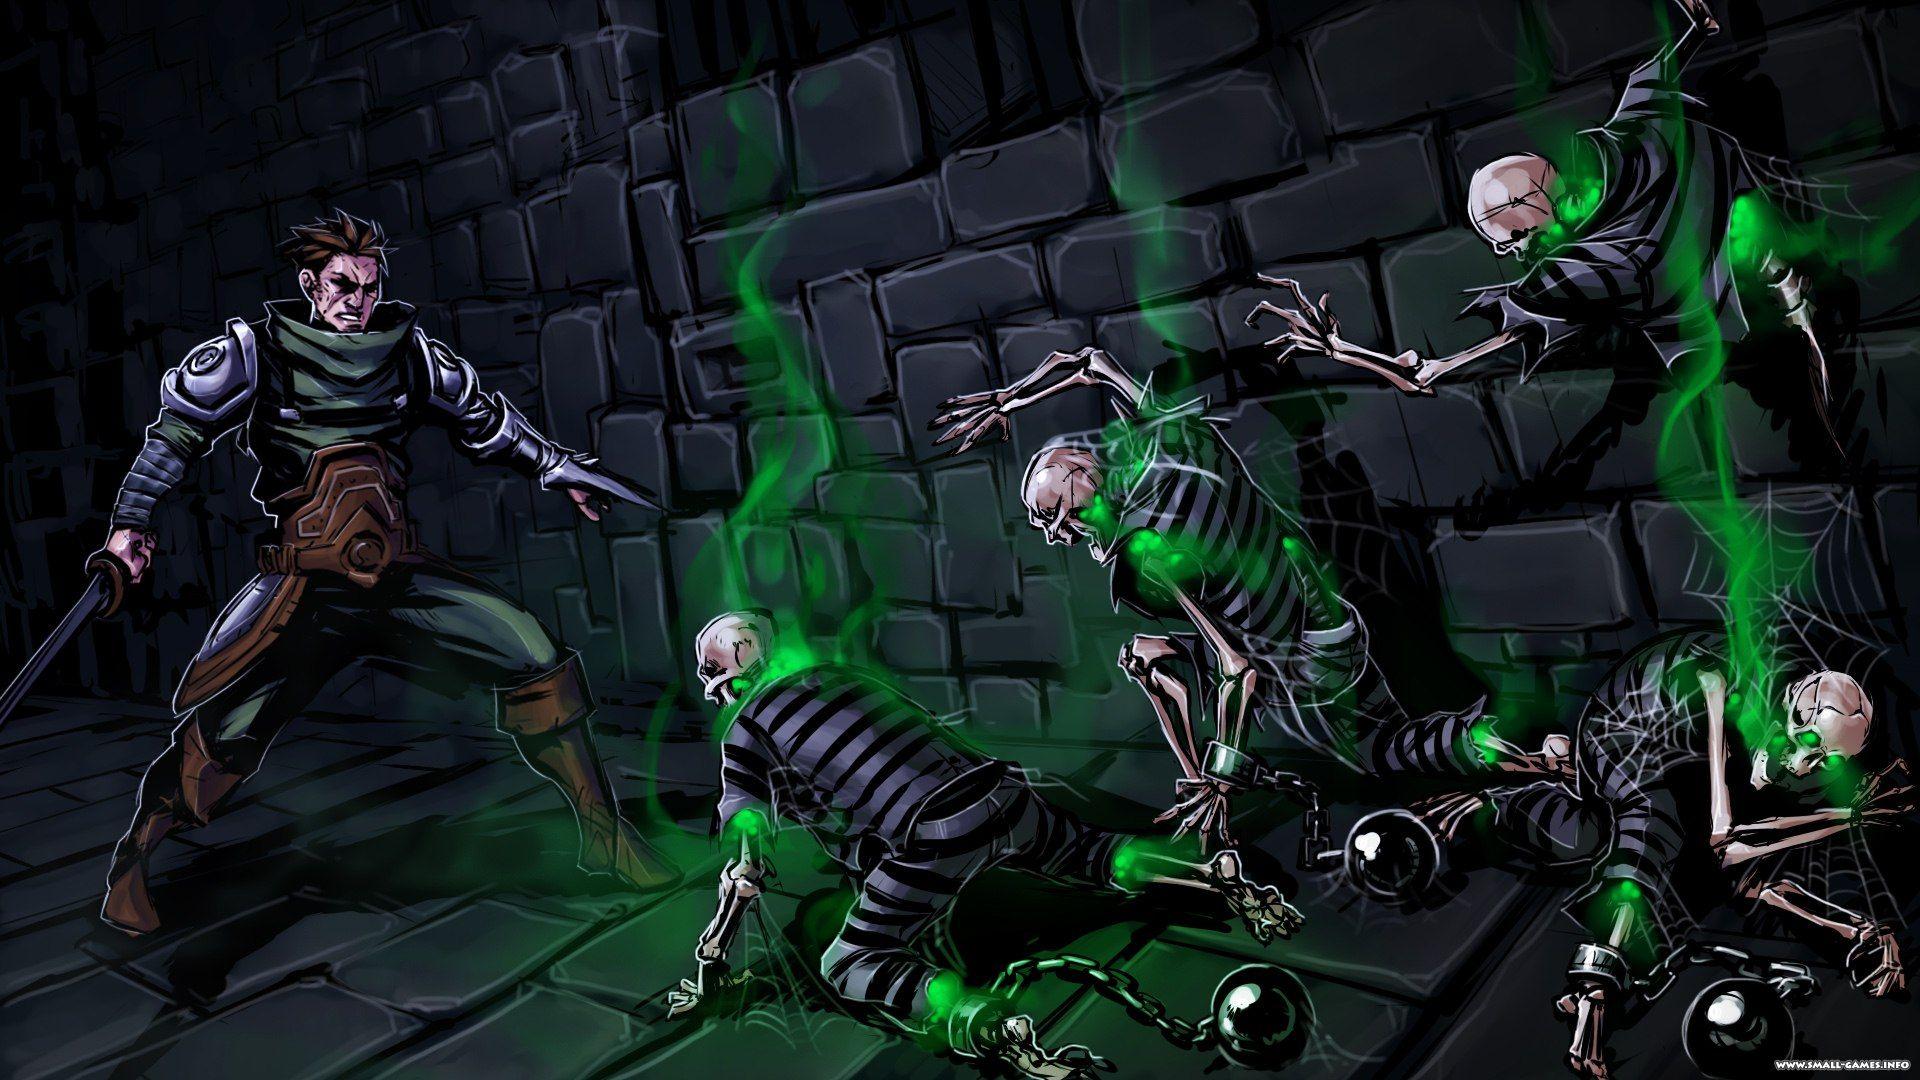 Скачать игру swordbreaker: the game для pc через торрент.